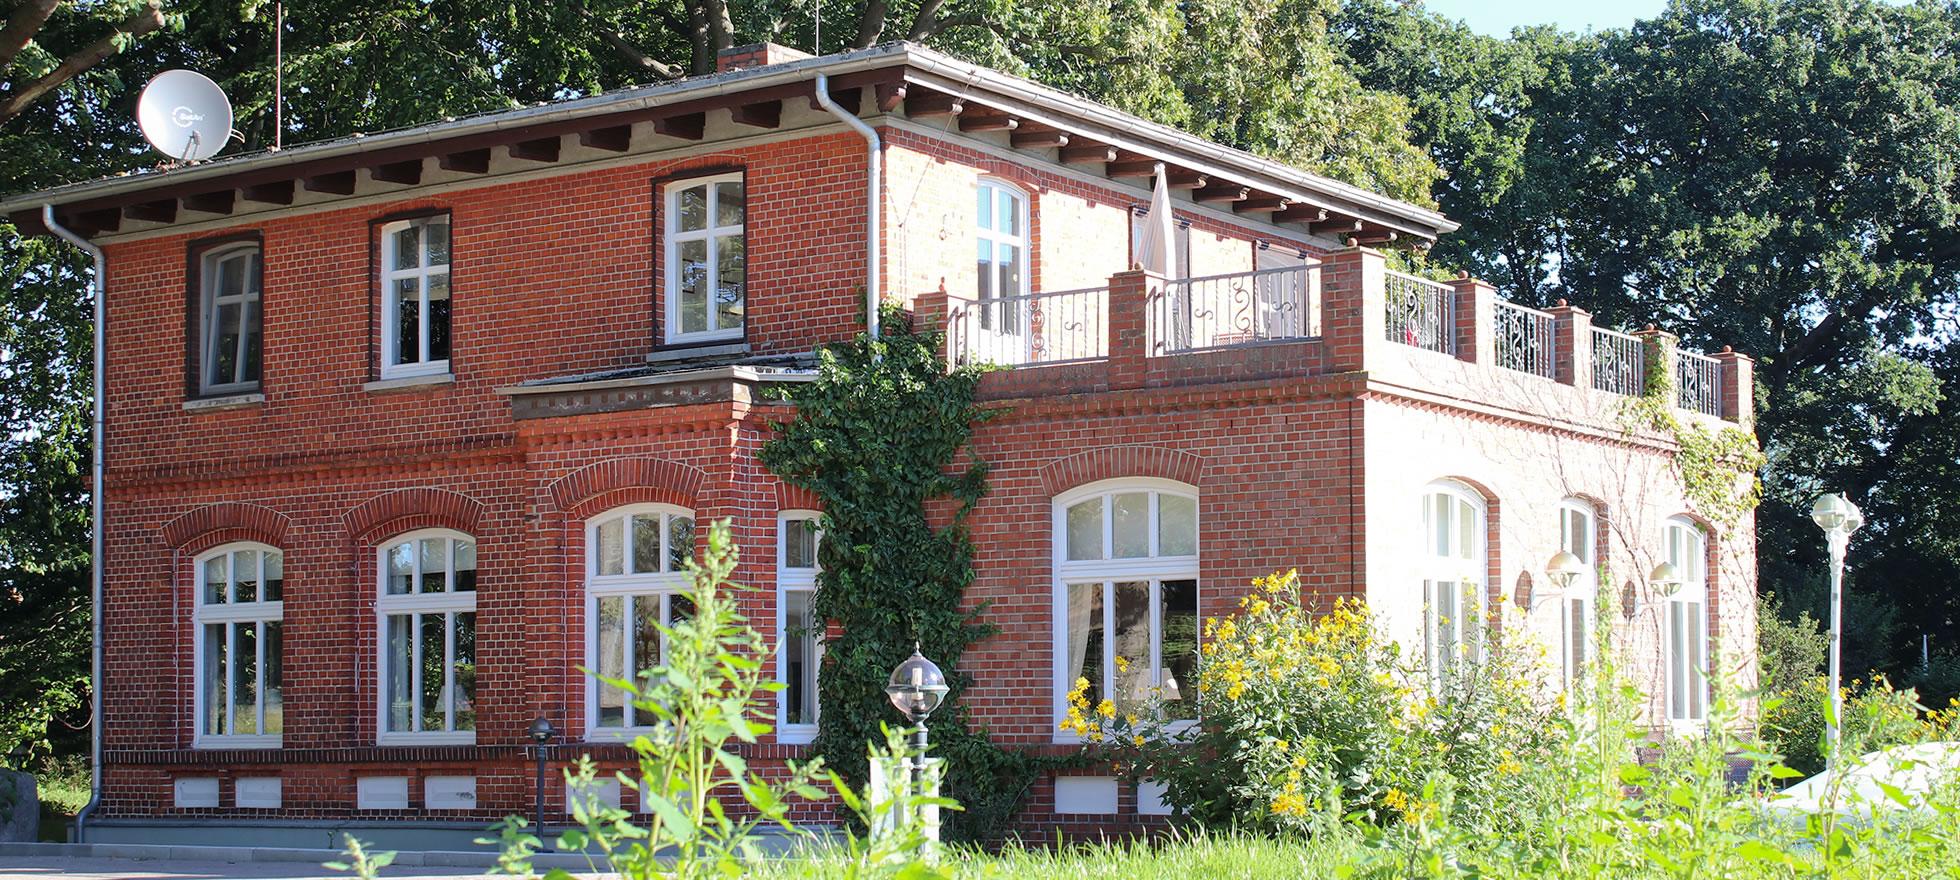 Galerie und Gästehaus Dünenhaus zur Boddenseite